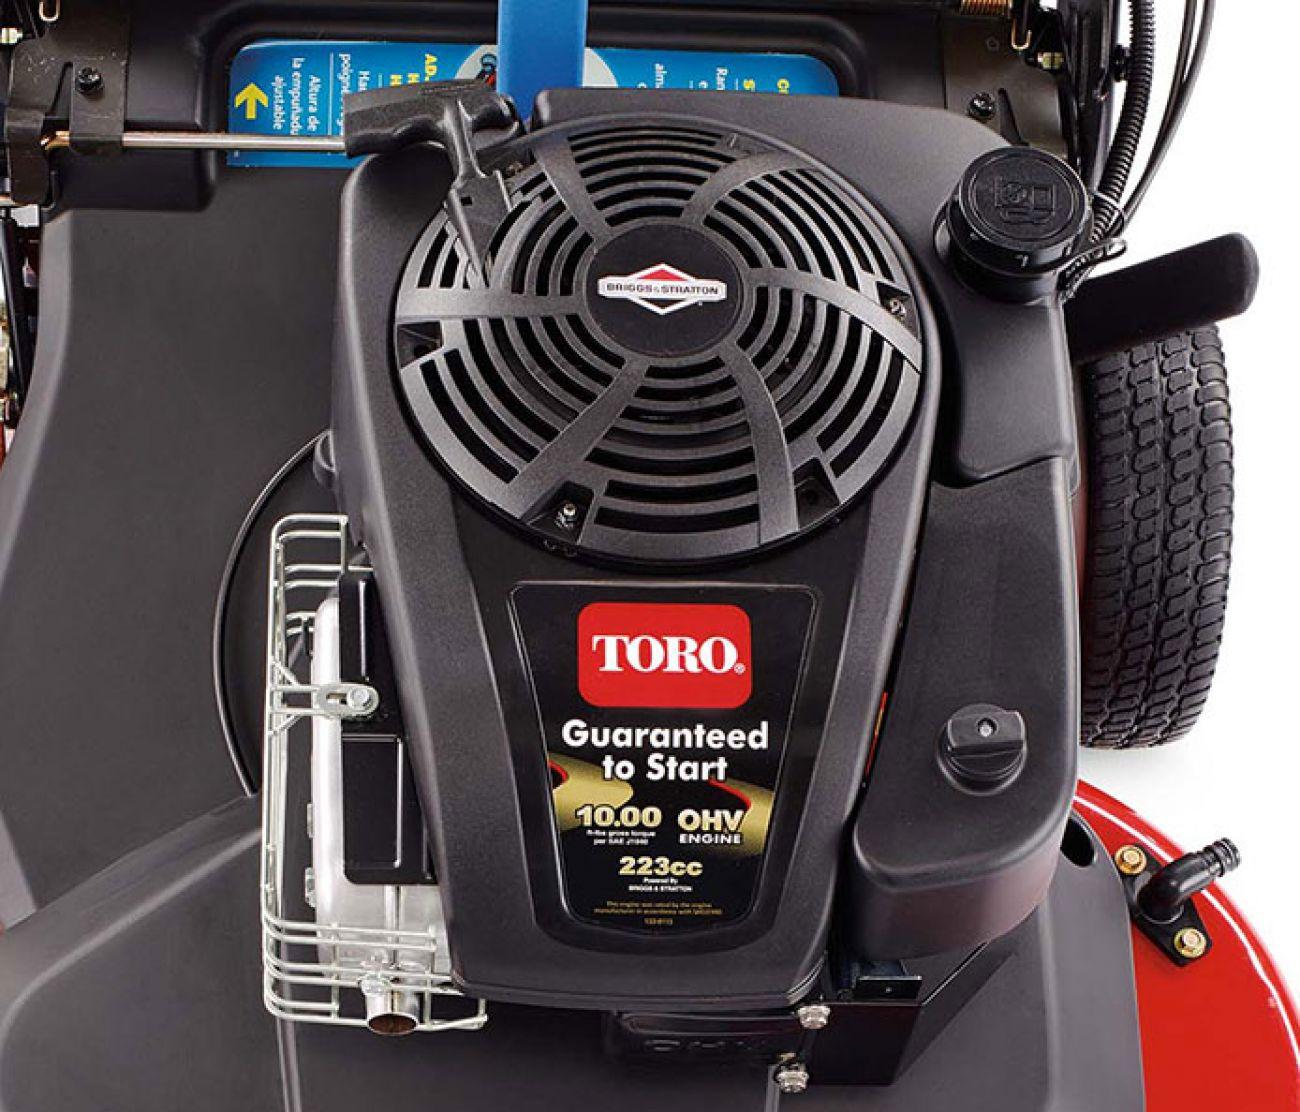 POWER_EQUIPMENT TORO WALK_BEHIND_MOWERS TORO-ENGINE-223CC